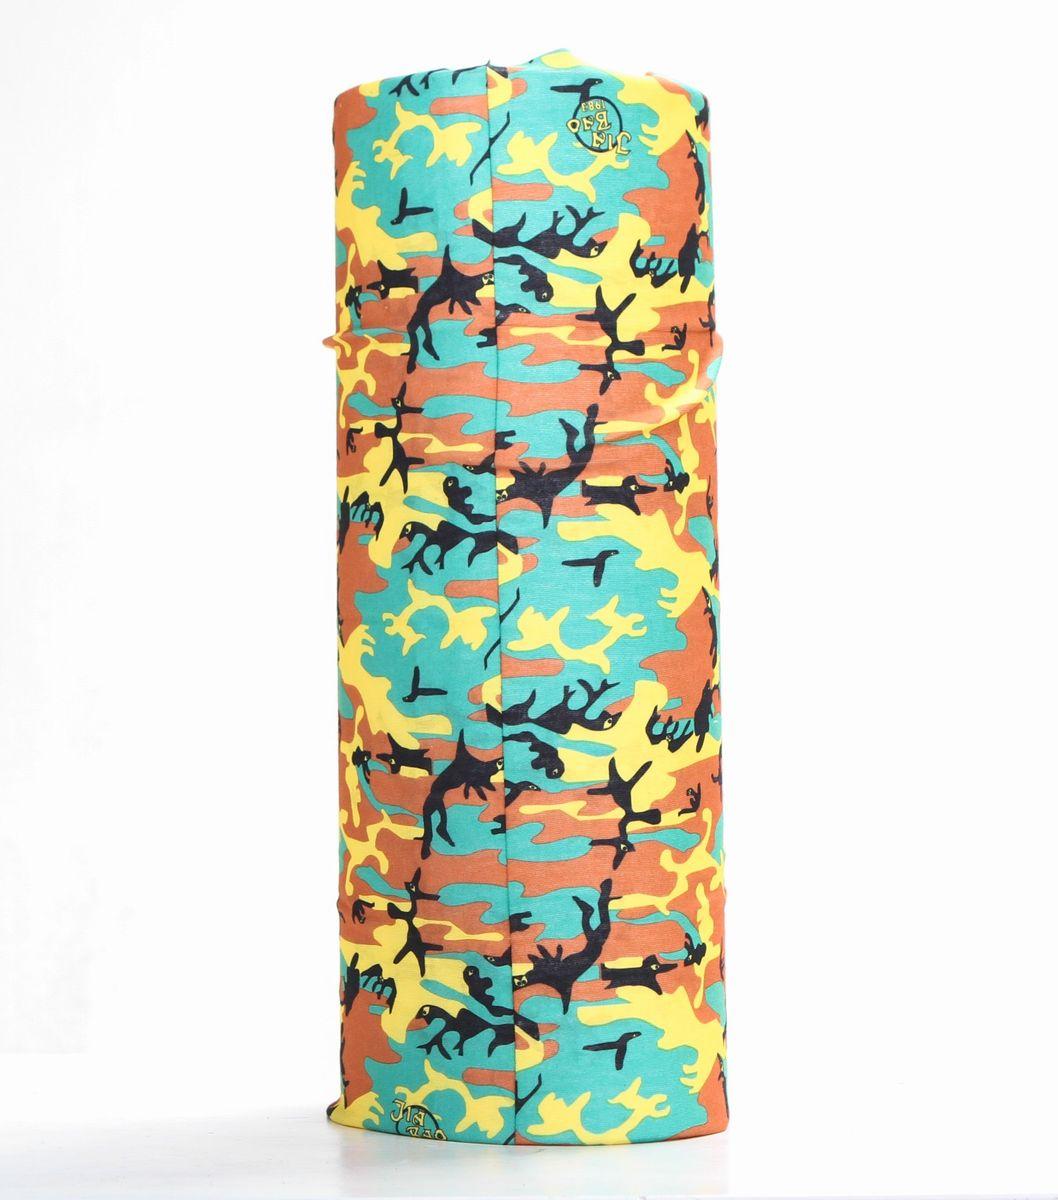 15-04Мультишарфы можно встретить под разными названиями: мультишарф, мультибандана, платок трансформер, Baff, но вне зависимости от того как Вы назовете этот аксессуар, его уникальные возможности останутся неизменными. Вы с легкостью и удобством можете одеть этот мультишарф на голову и шею 12 различными способами. В сильные морозы, пронизывающий ветер или пыльную бурю - с мультишарфом Вы будуте готовы к любым капризам природы Авторская работа.